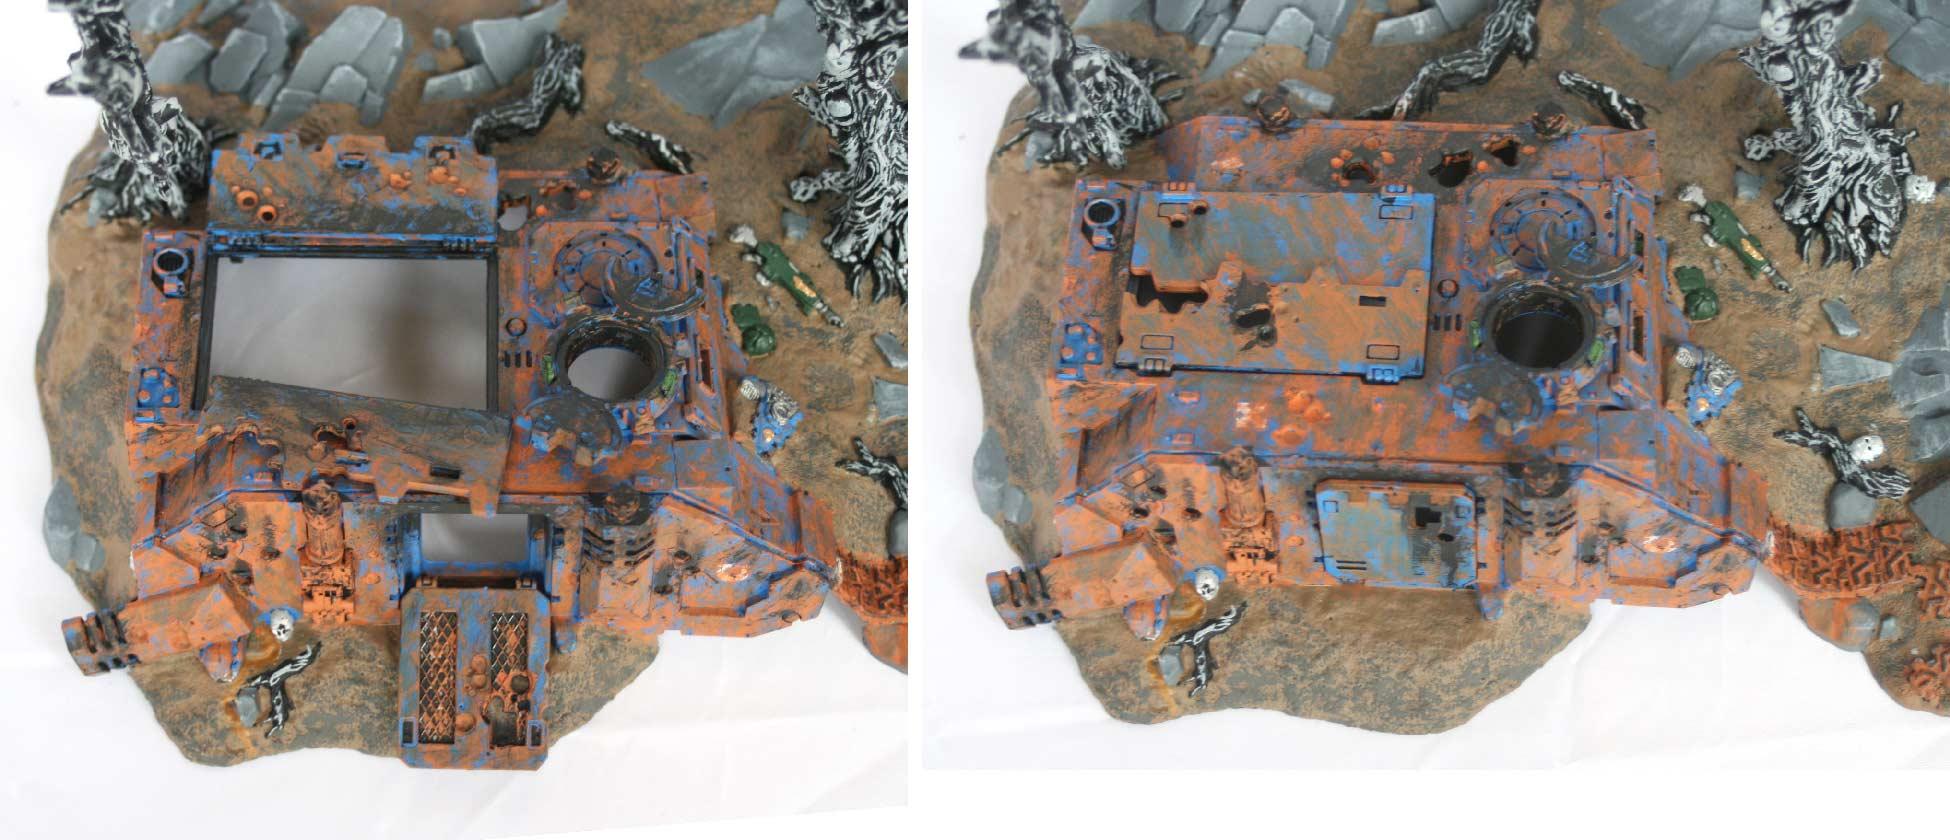 Les portes du tank peuvent être jouées en position ouvertes ou fermées